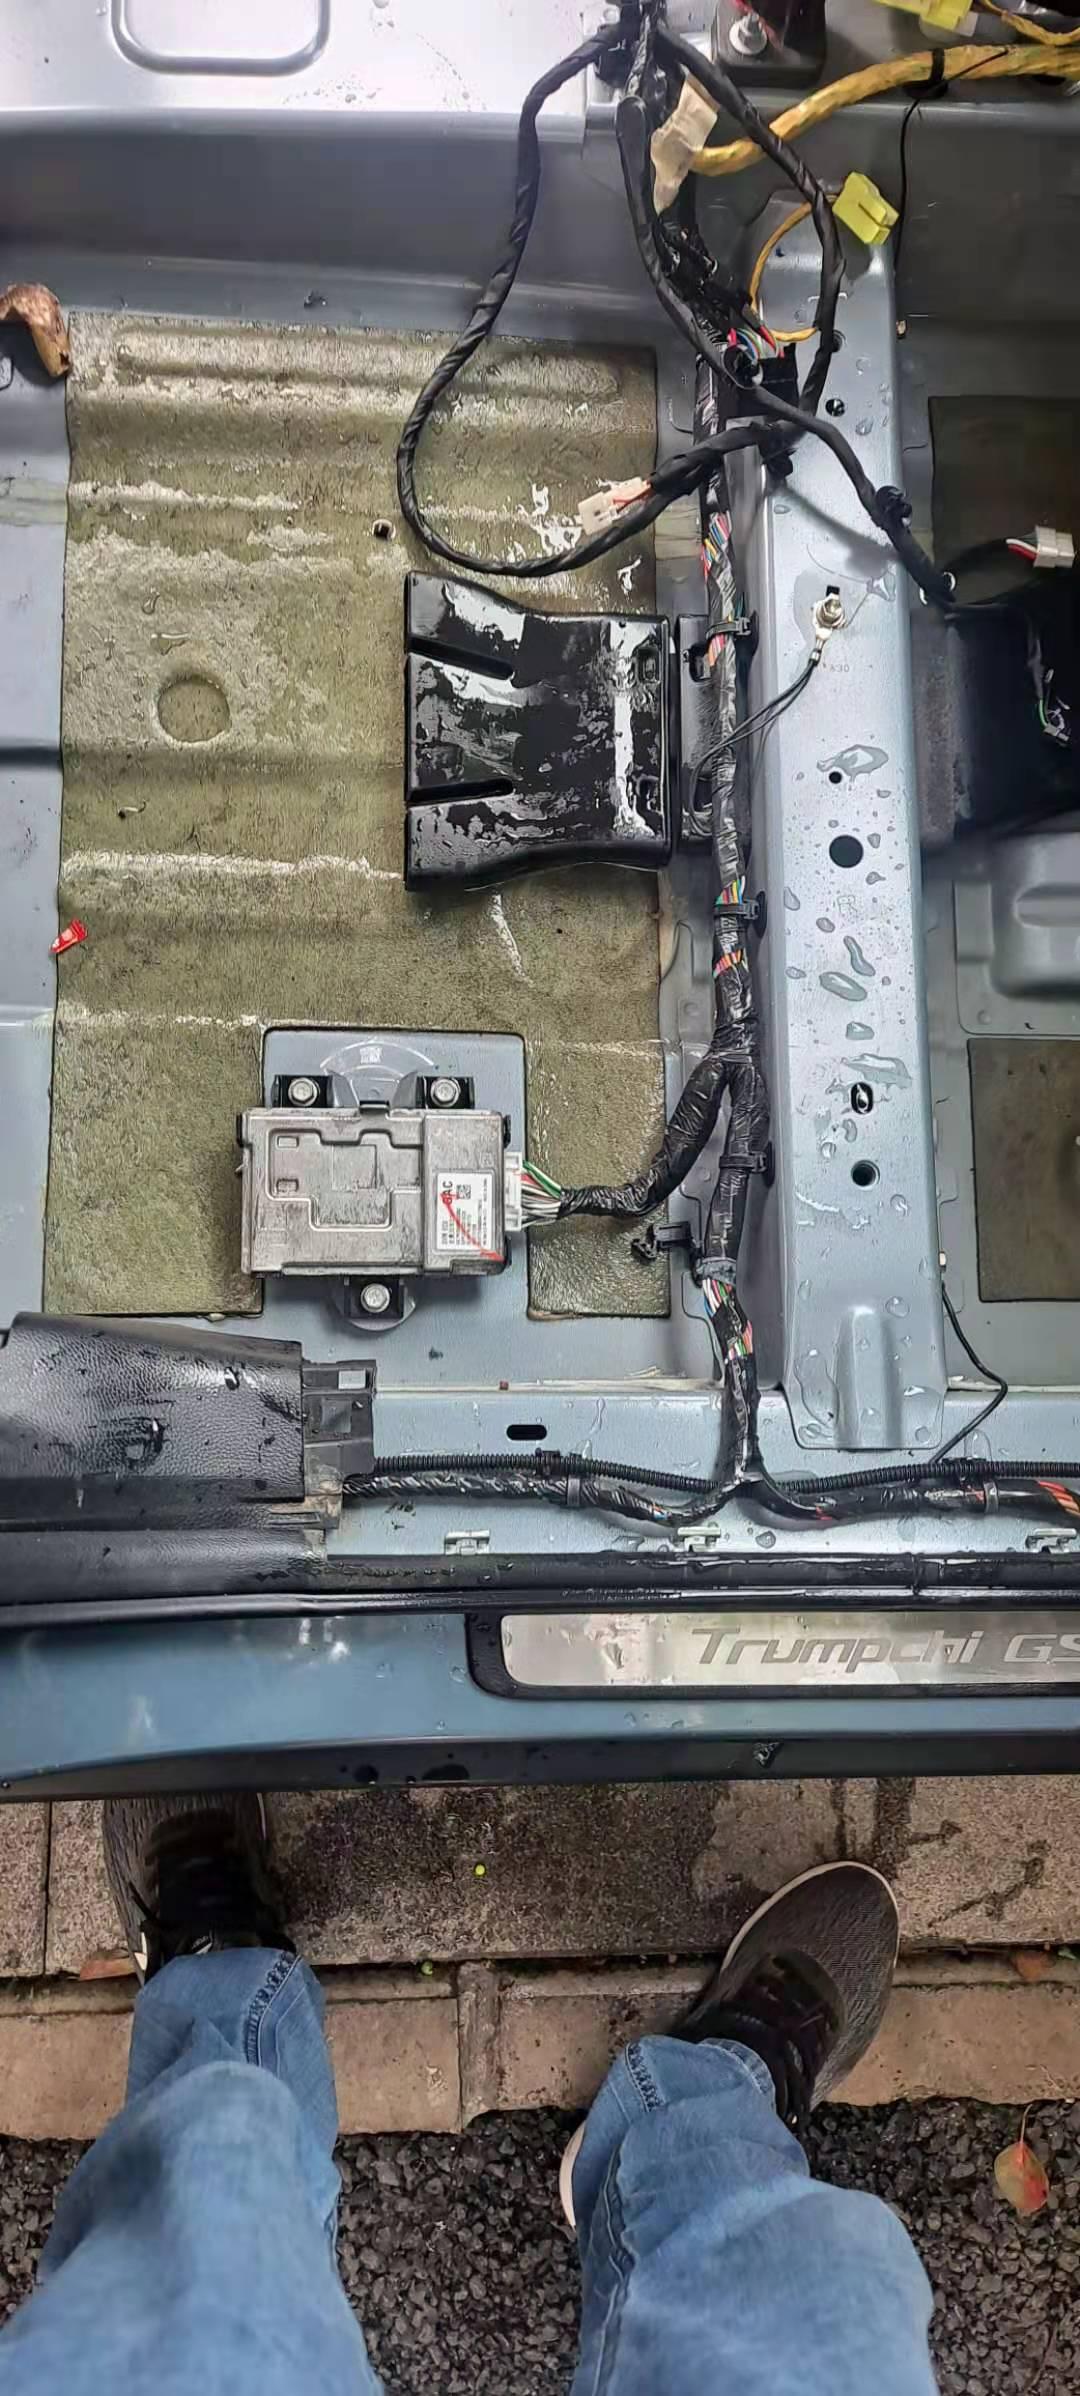 广汽传祺GS8车辆排水孔存在设计缺陷,造成车子漏水严重